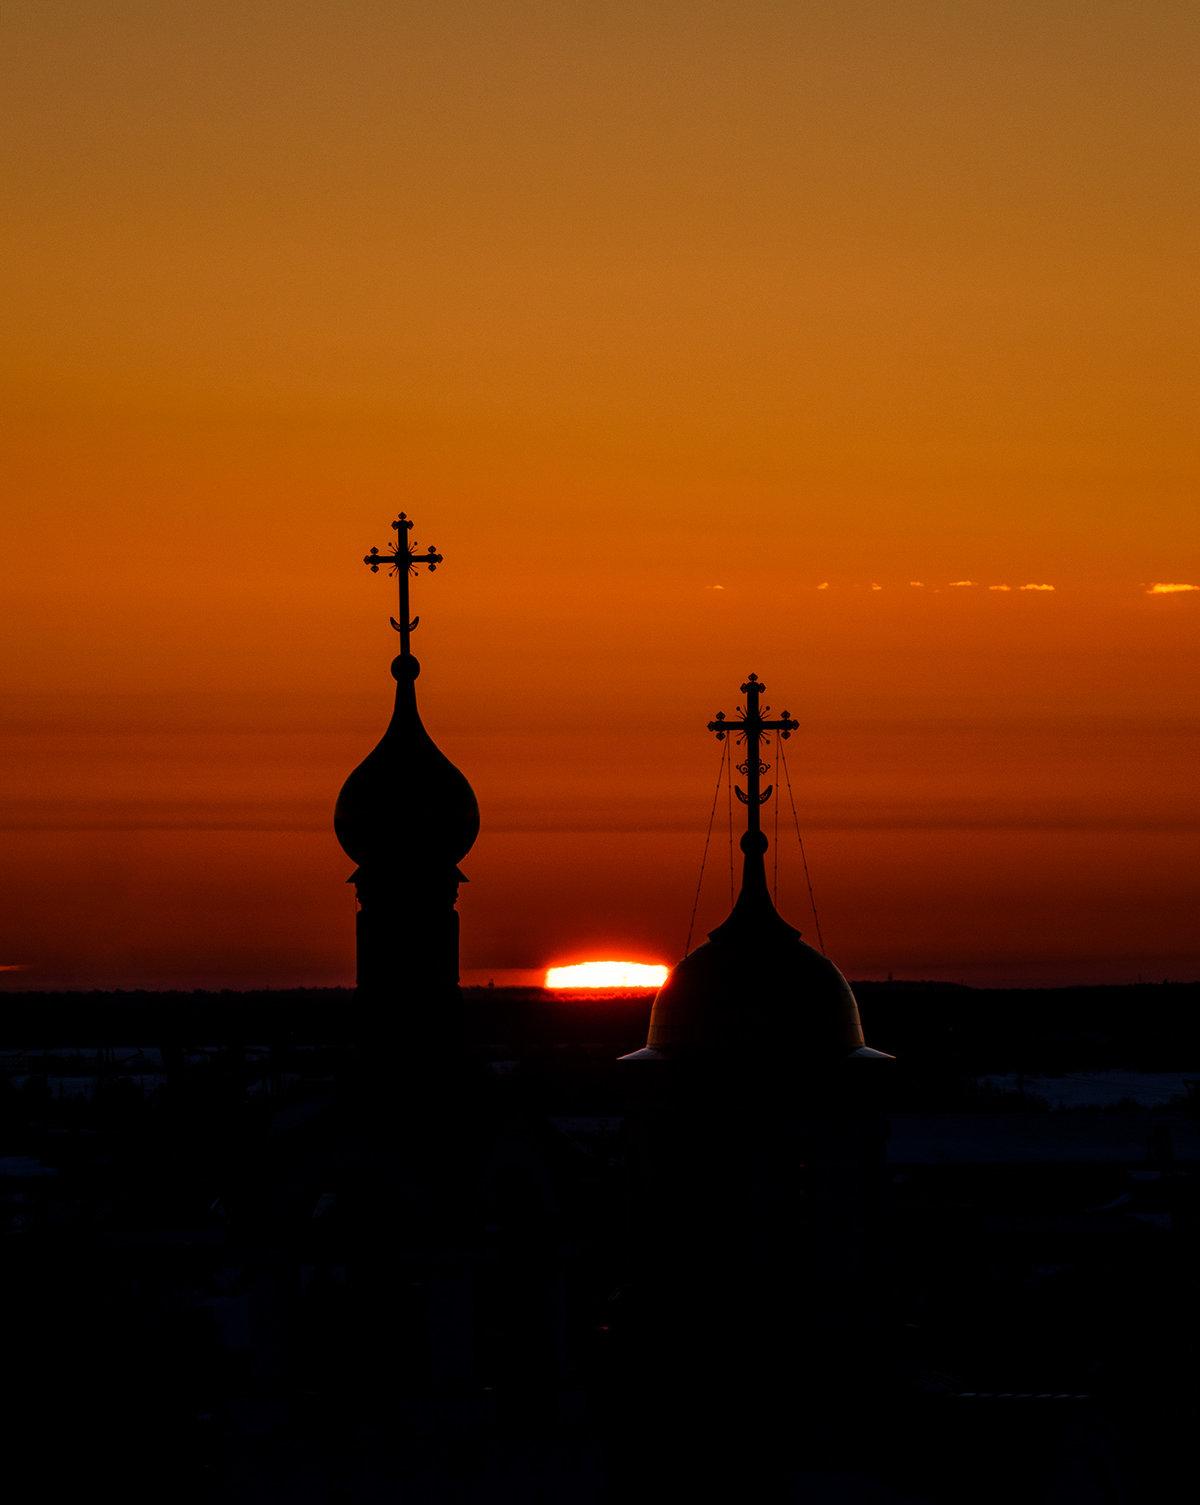 фото церквей на закате наконец-то она встречает